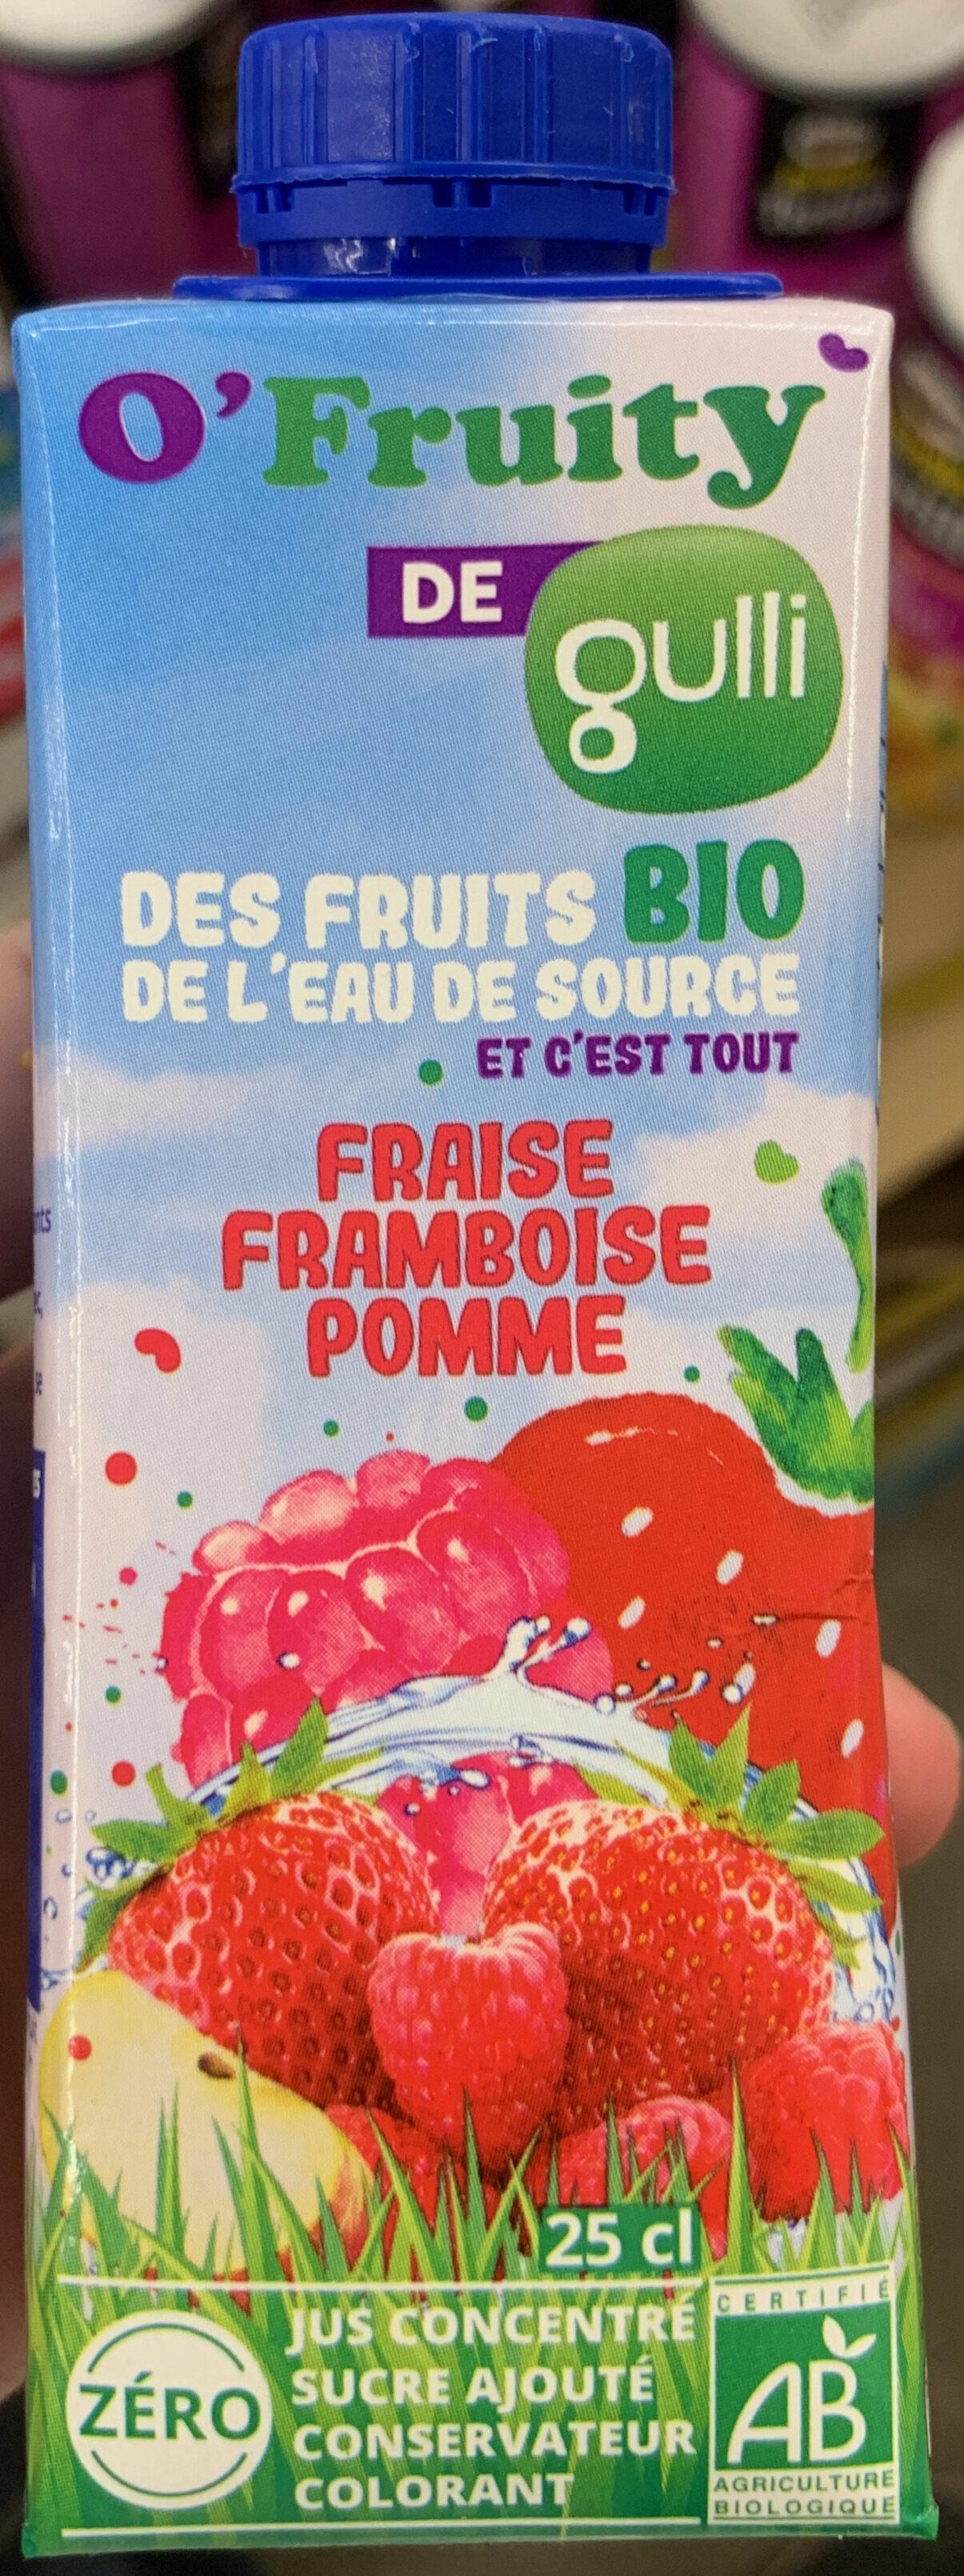 O'fruity Fraise Framboise Pomme - Product - fr